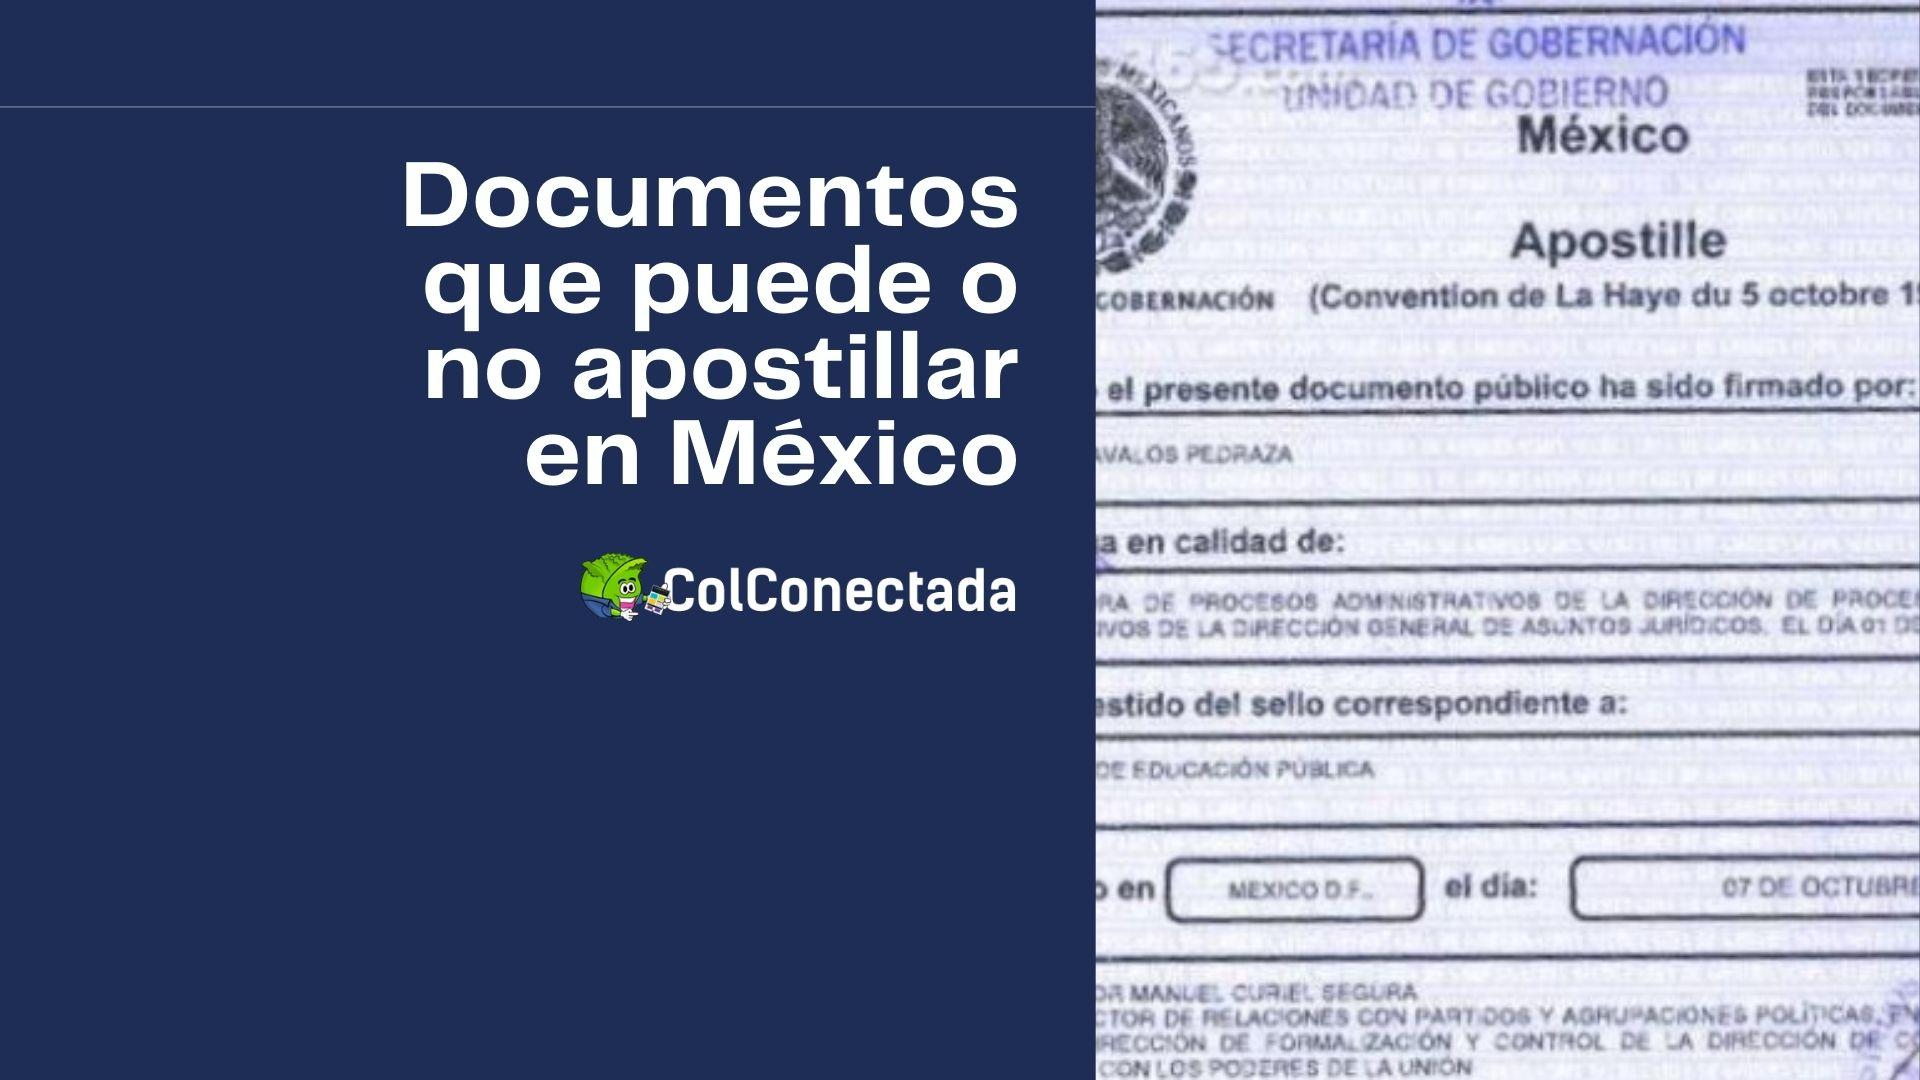 Cómo y dónde apostillar documentos en México 8